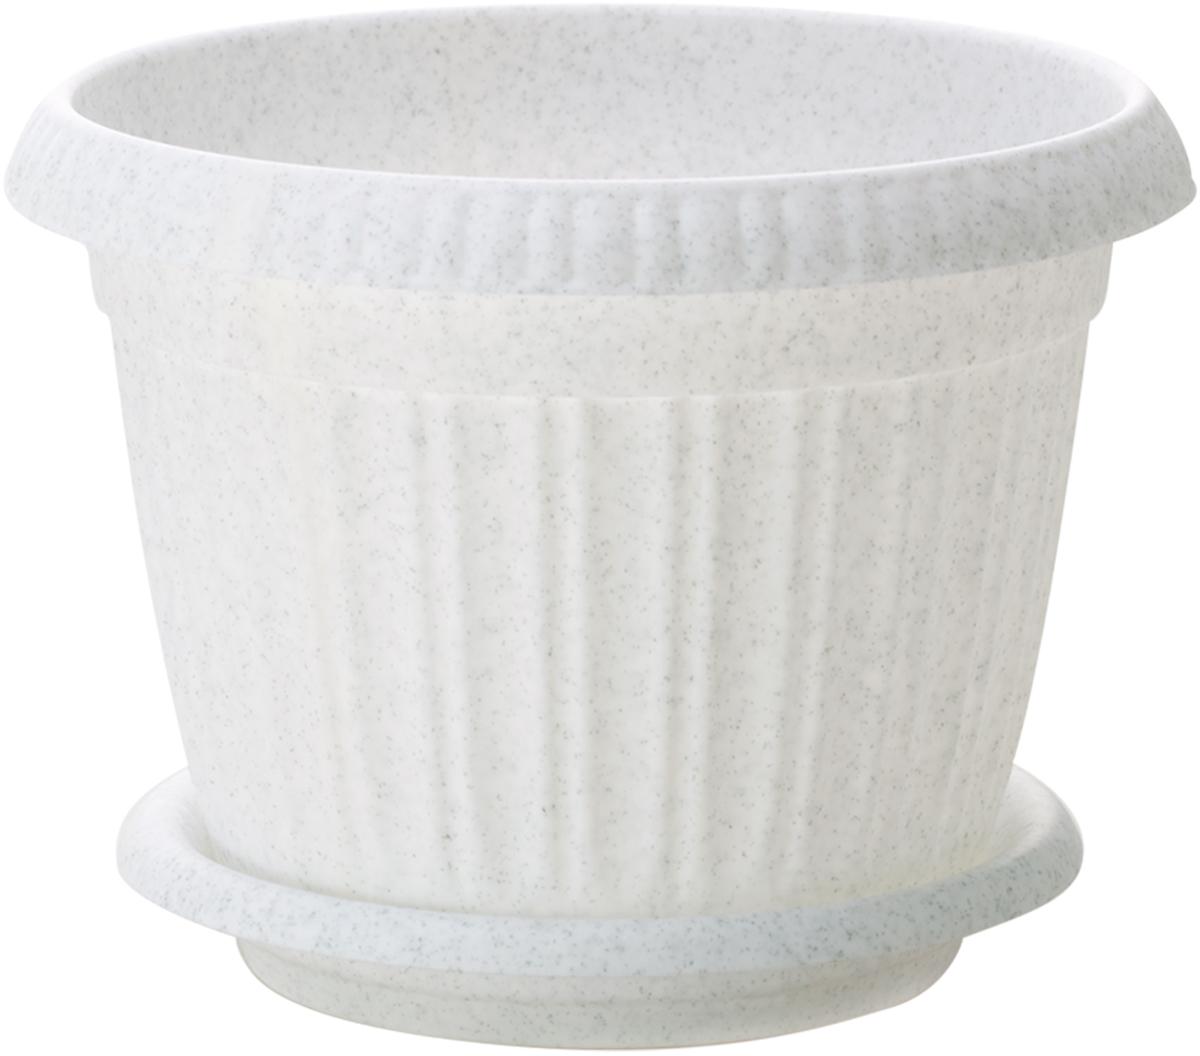 Горшок для цветов InGreen Таити, с подставкой, цвет: мраморный, диаметр 13 смING41013FМРГоршок InGreen Таити выполнен из высококачественного полипропилена (пластика) и предназначен для выращивания цветов, растений и трав. Снабжен подставкой для стока воды. Такой горшок порадует вас функциональностью, а благодаря лаконичному дизайну впишется в любой интерьер помещения. Диаметр горшка (по верхнему краю): 13 см. Высота горшка: 10,4 см. Диаметр подставки: 11 см.